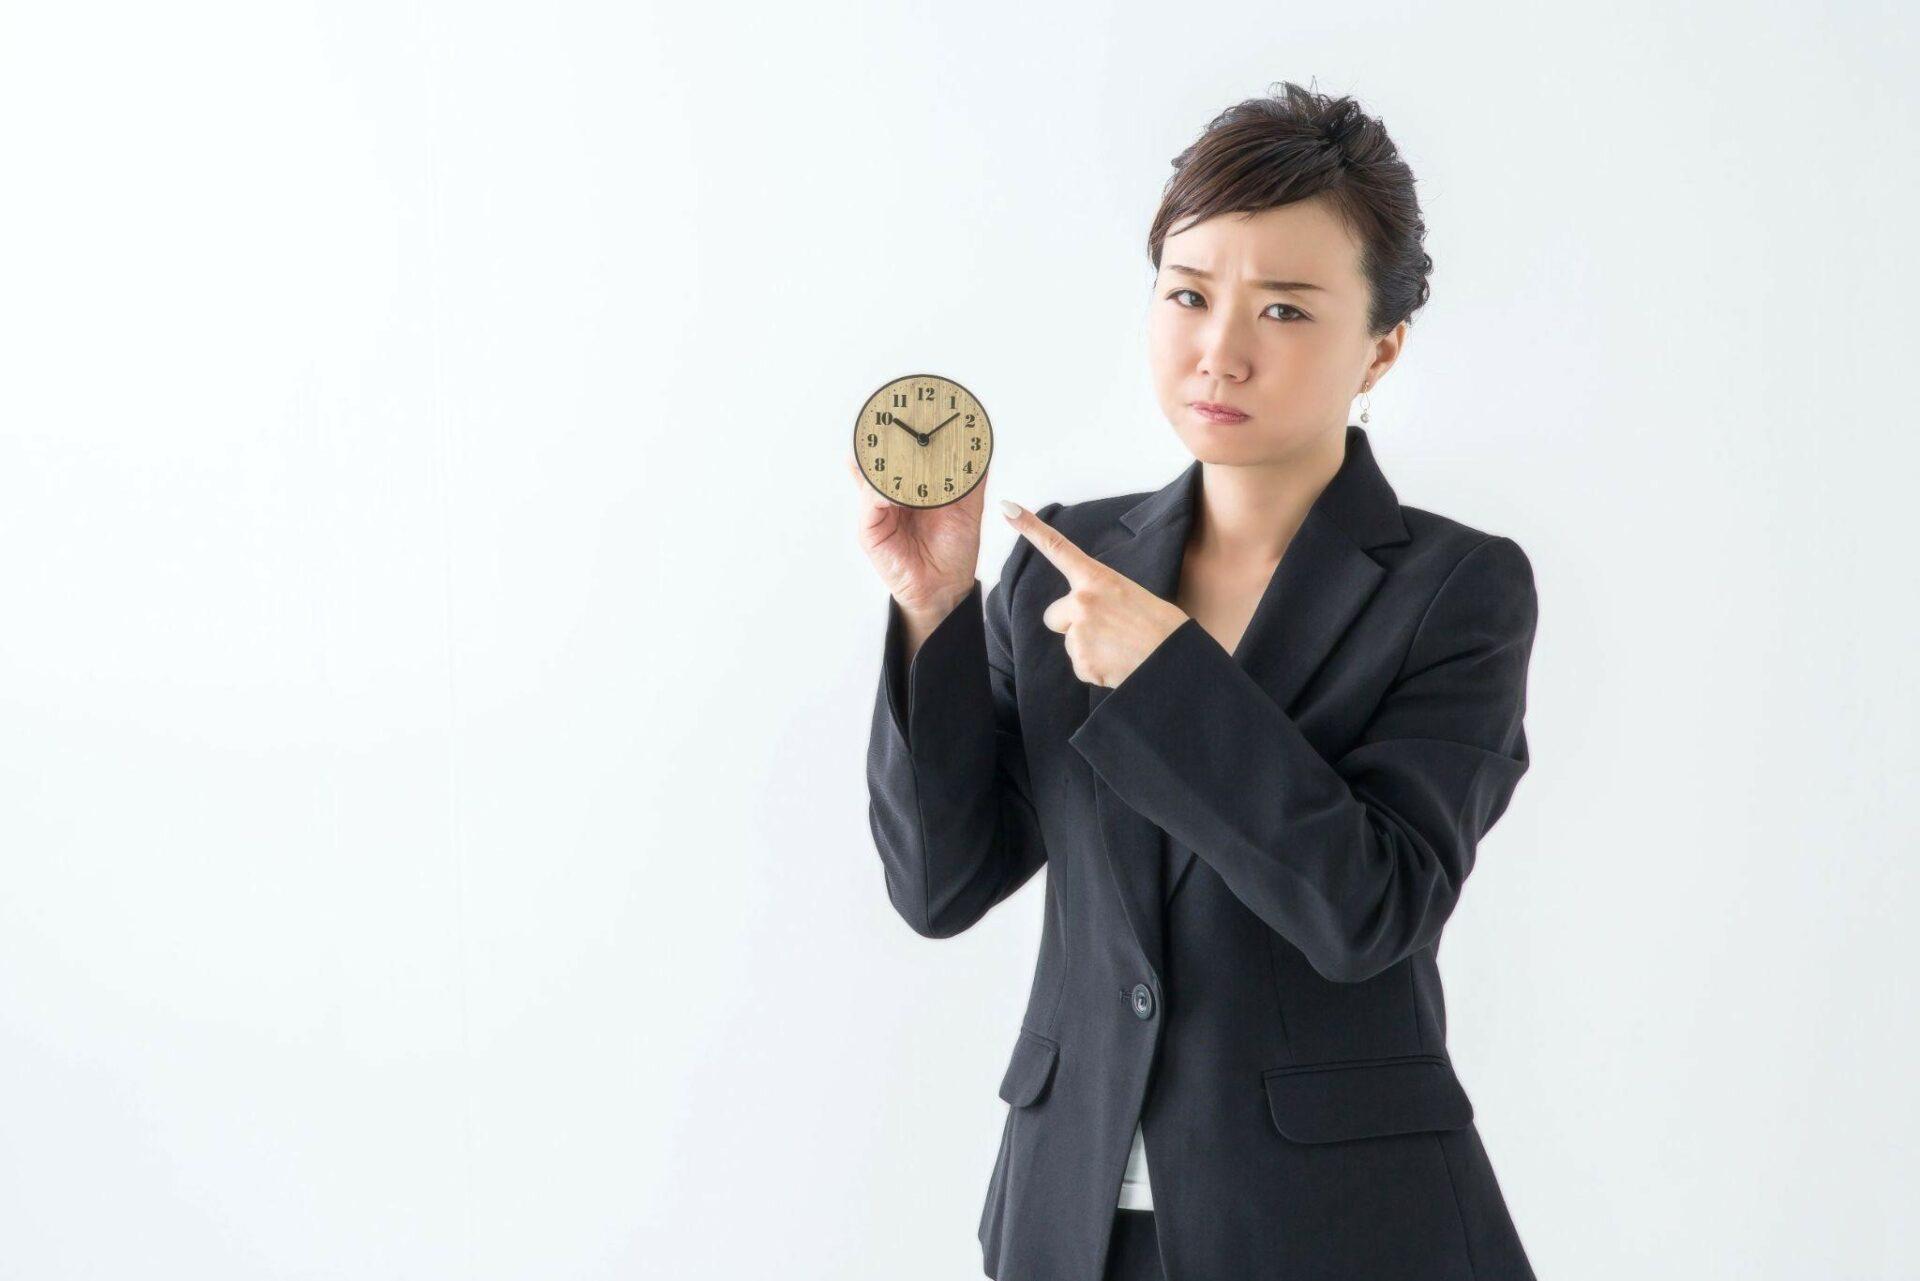 時計を指さしている女性